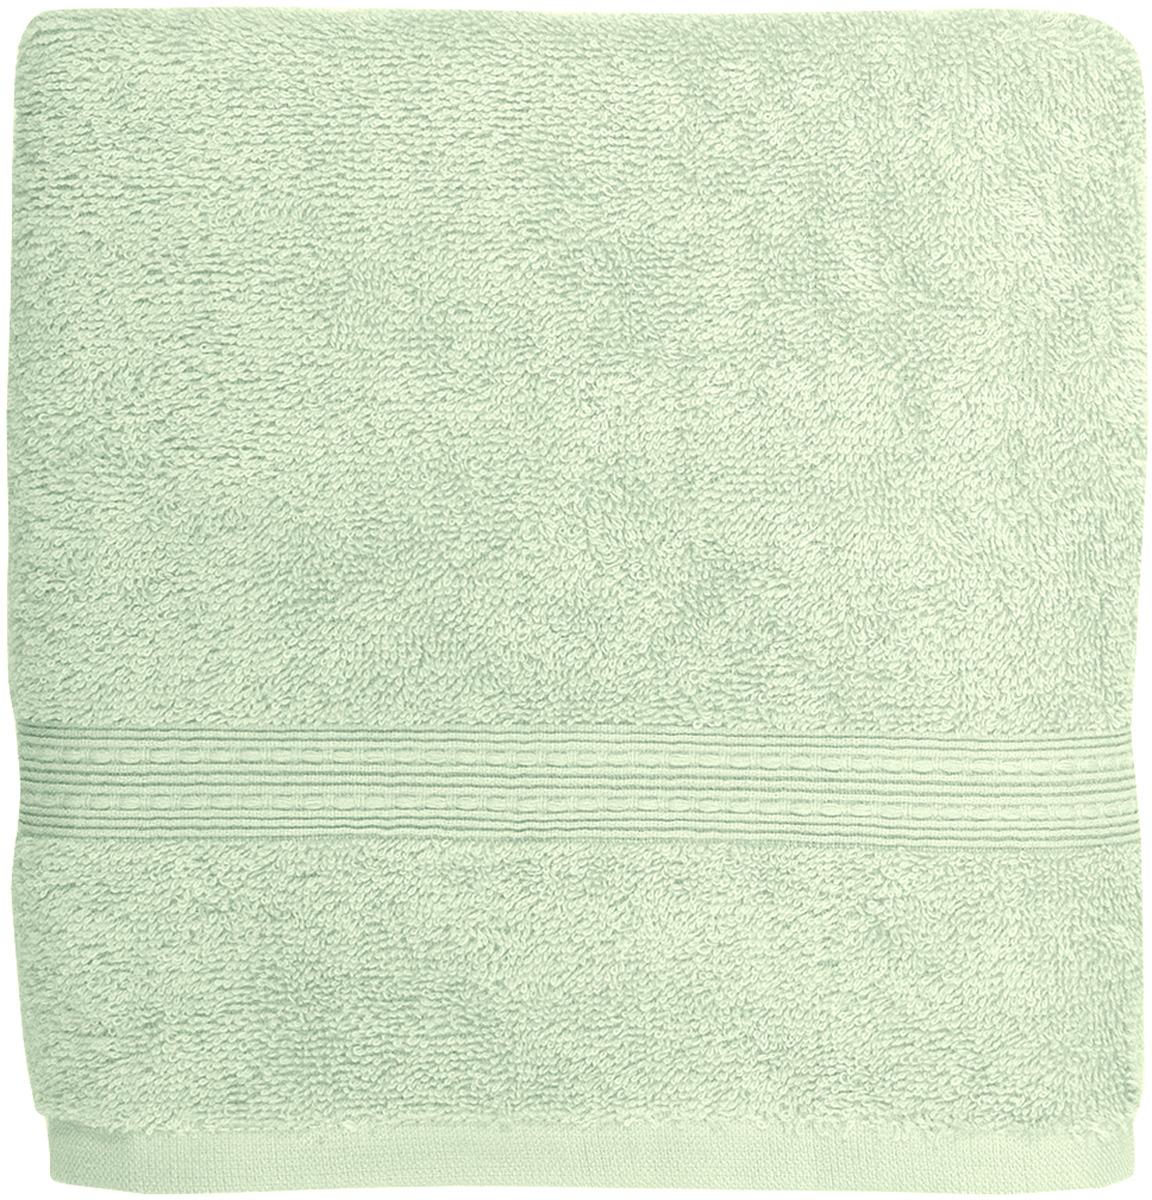 Комплект для бани Bonita Classic, цвет: мятный, 50 х 90 см полотенце банное fiesta arabesca 50 90 см